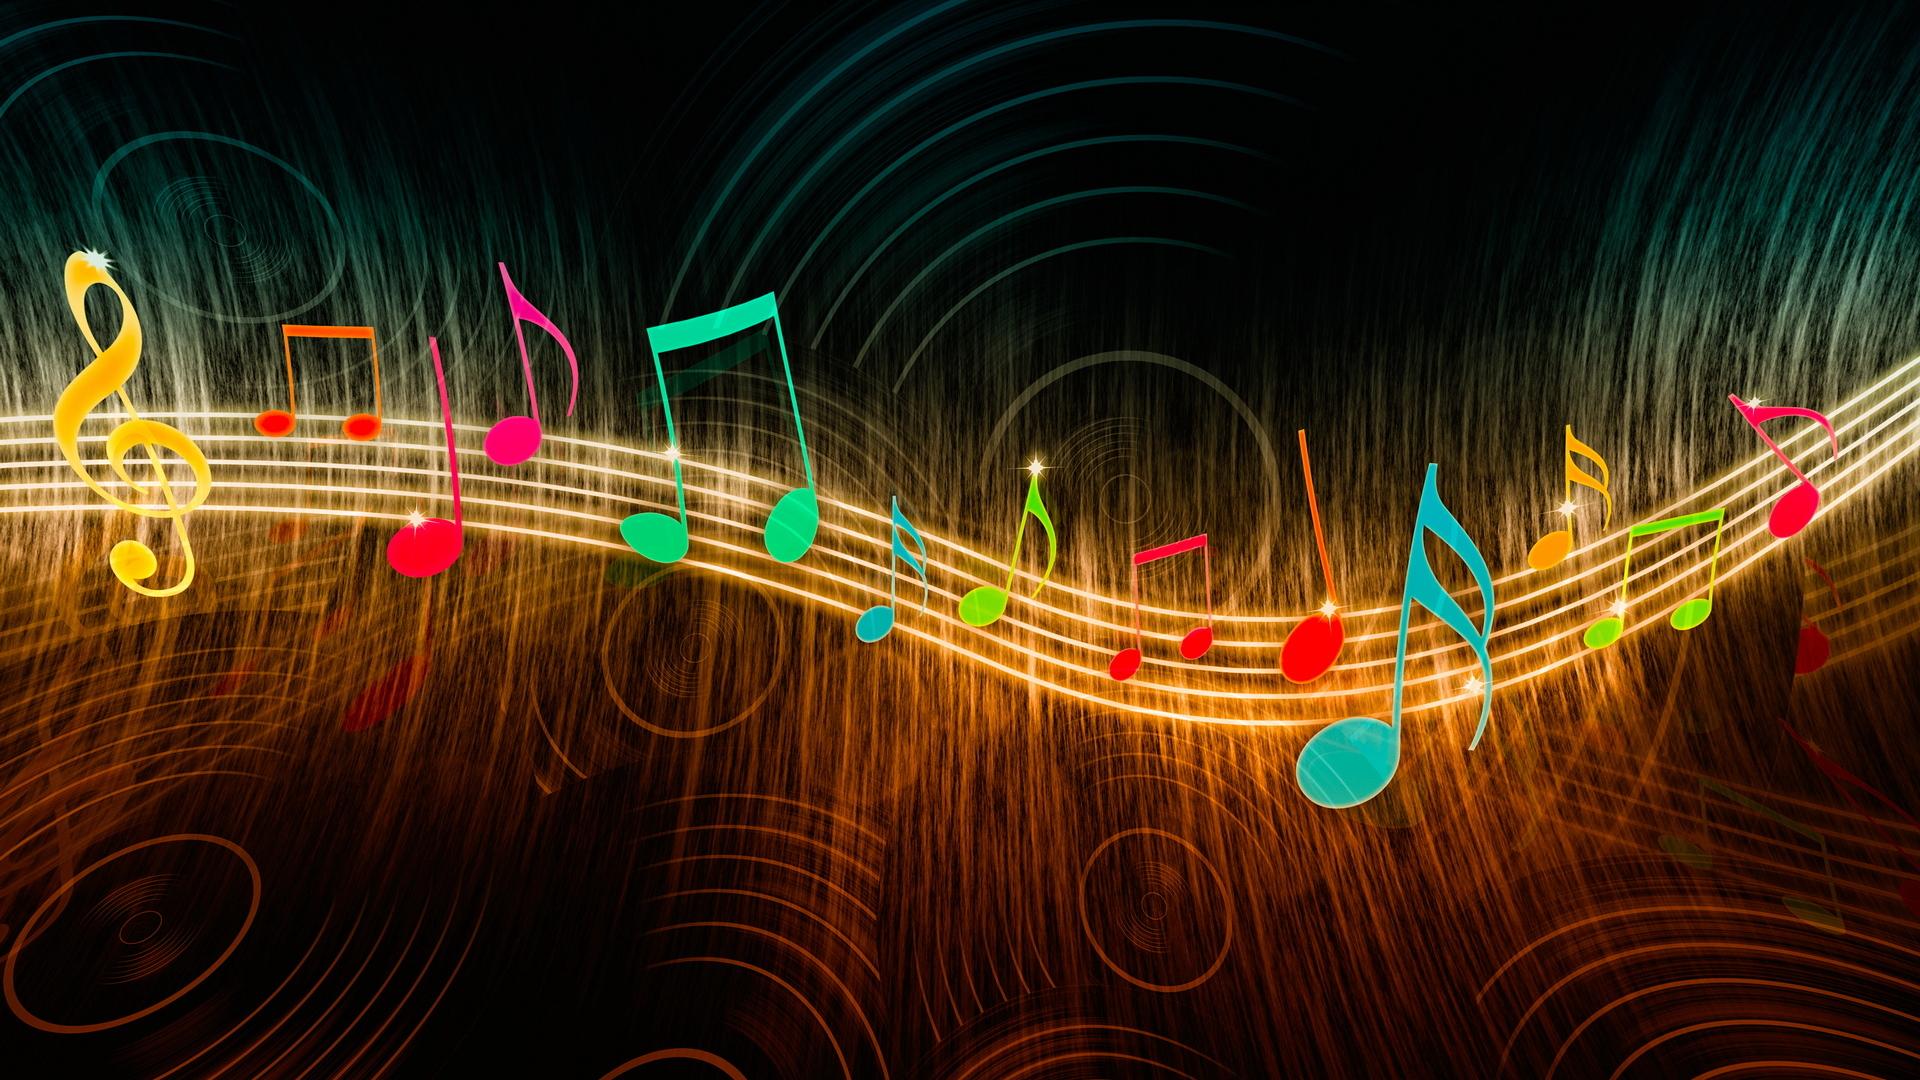 мелодии на телефон красивые без слов стариное здание витражными